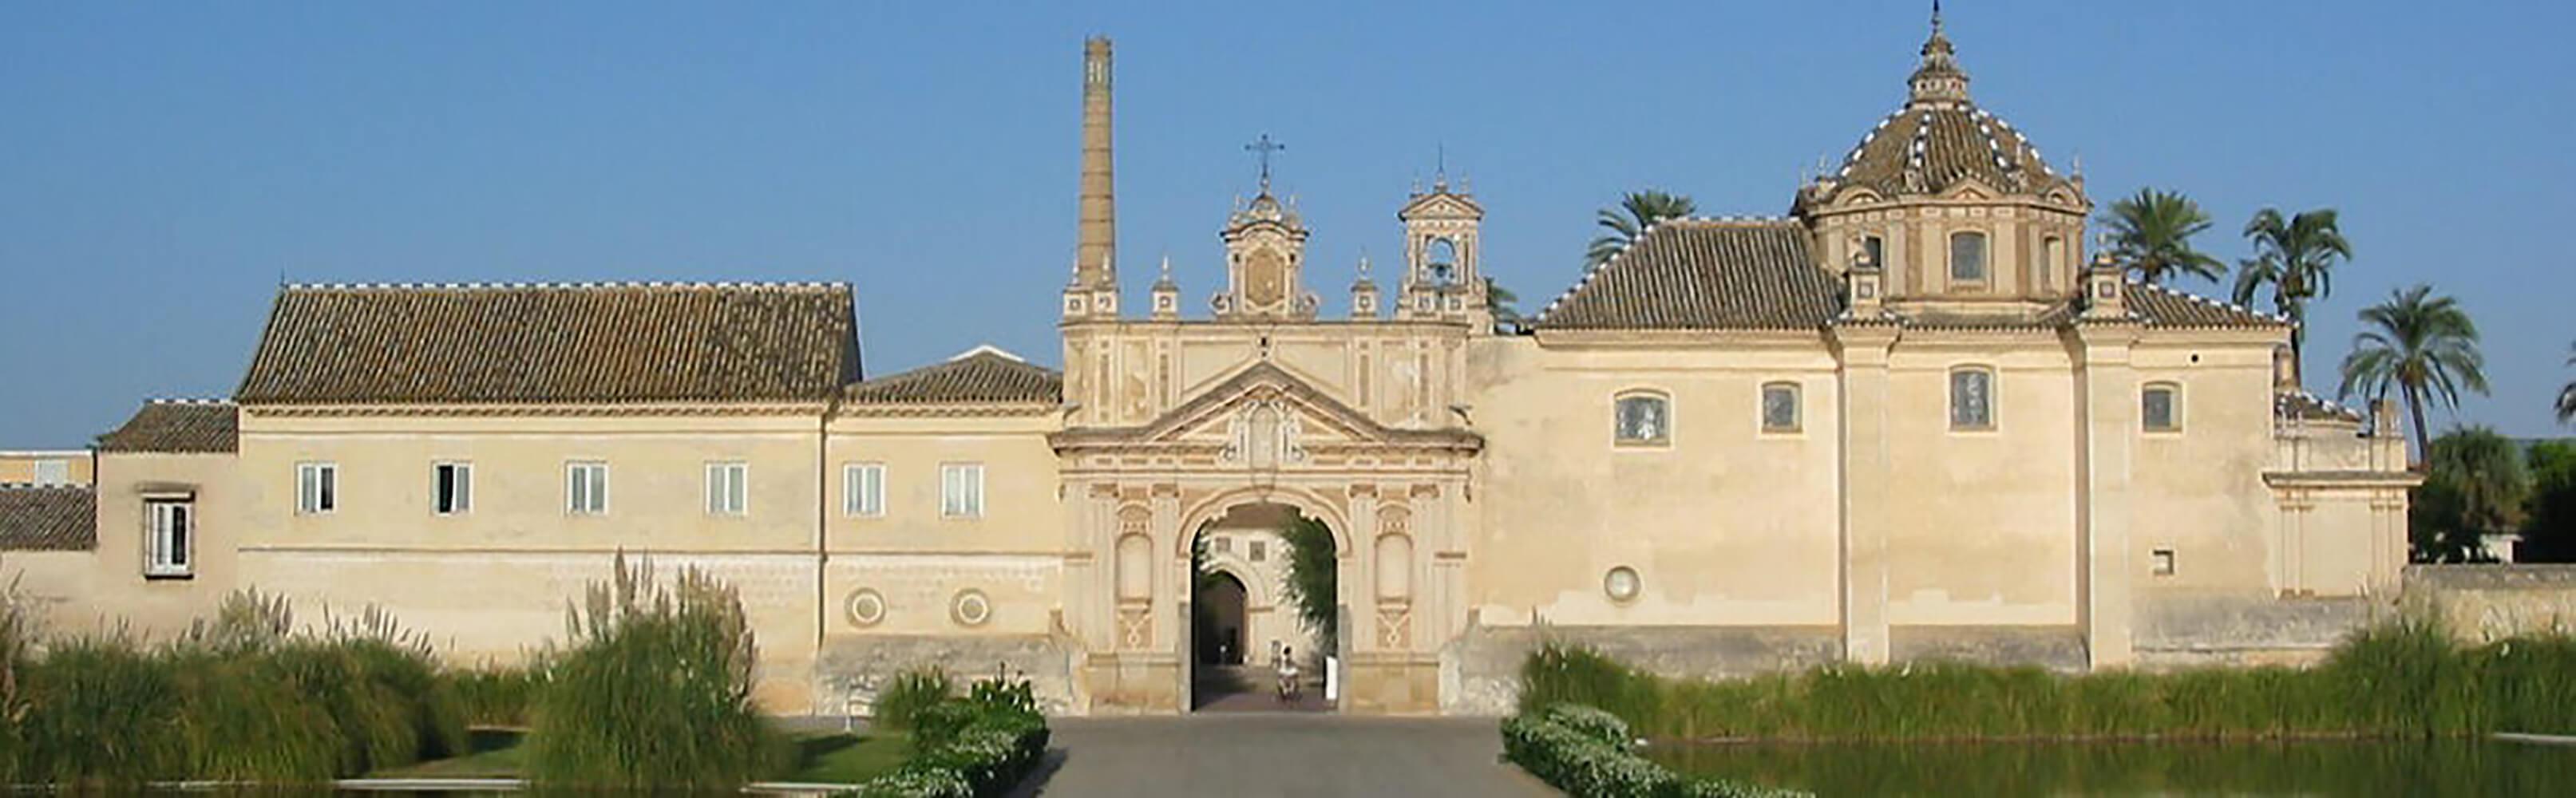 Kartäuserkloster La Cartuja 1